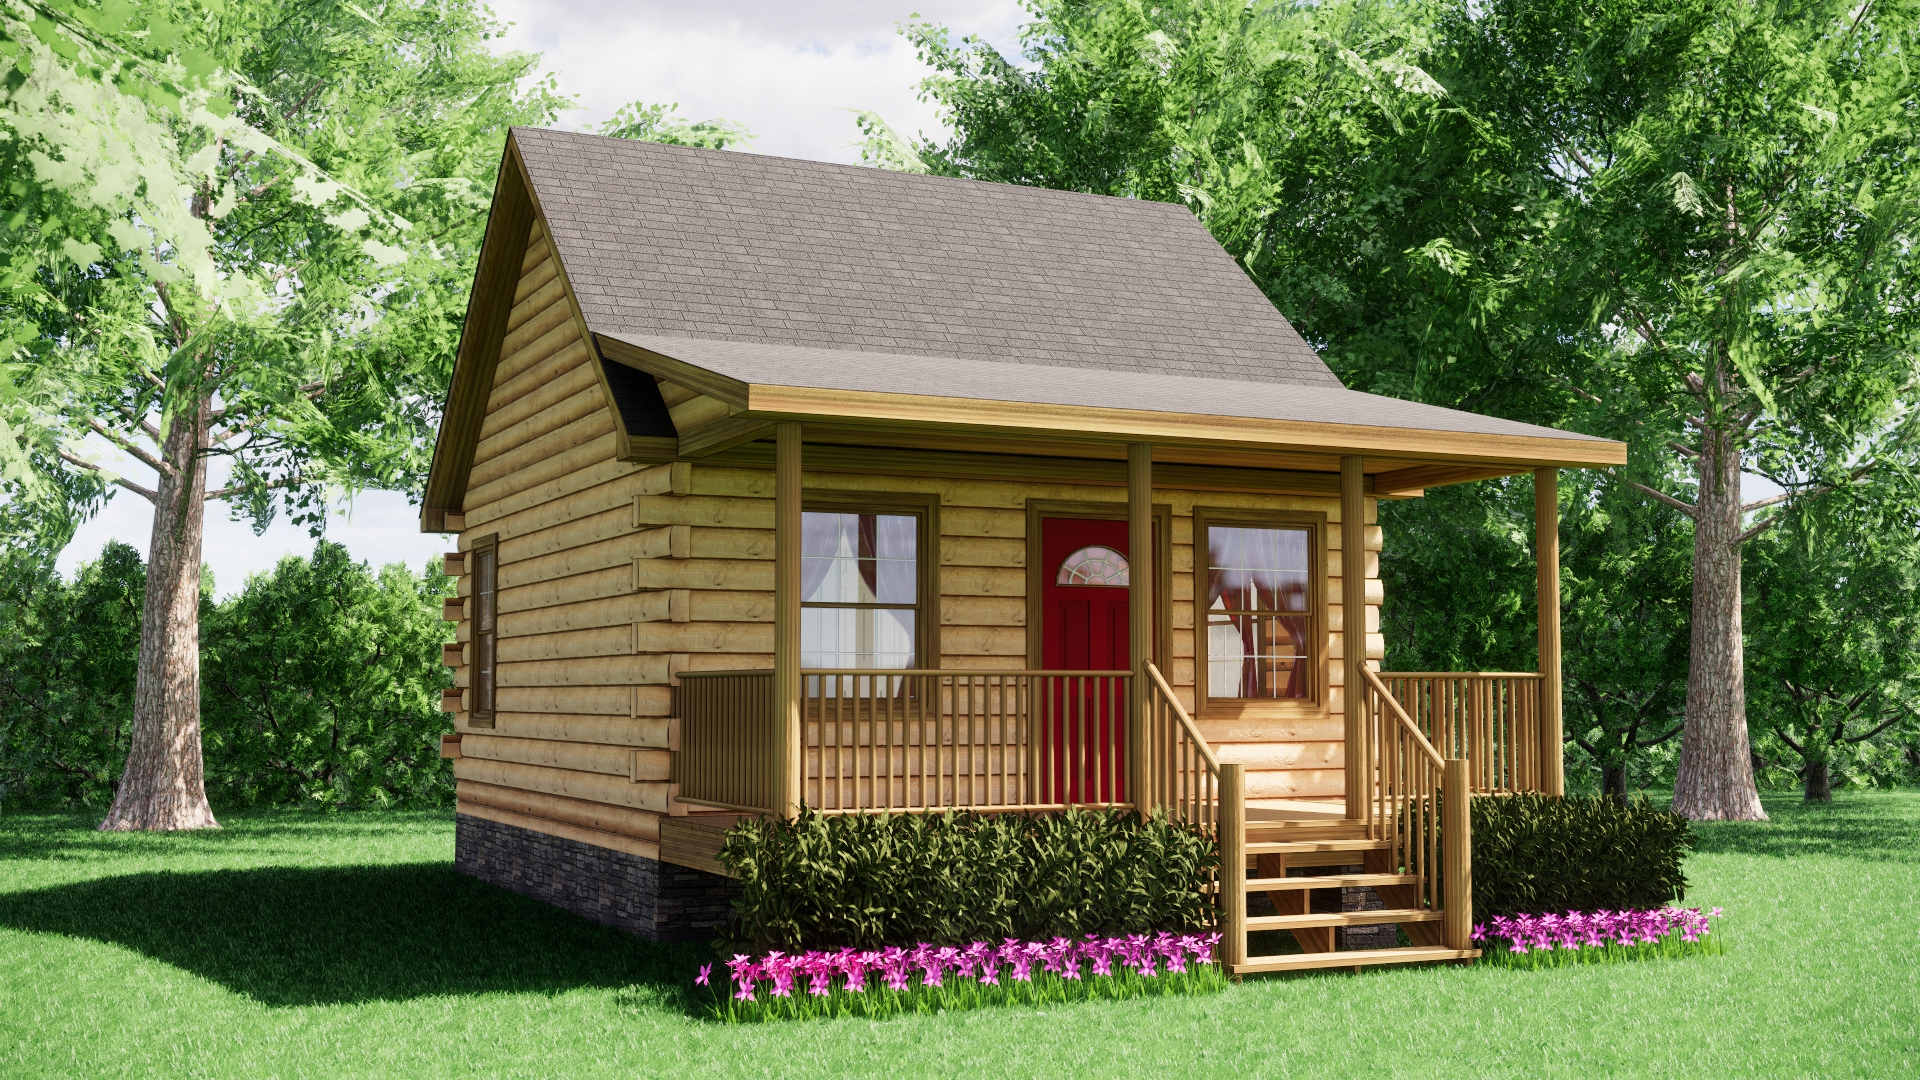 Small Log Cabins - Small Log Cabin Kits 13